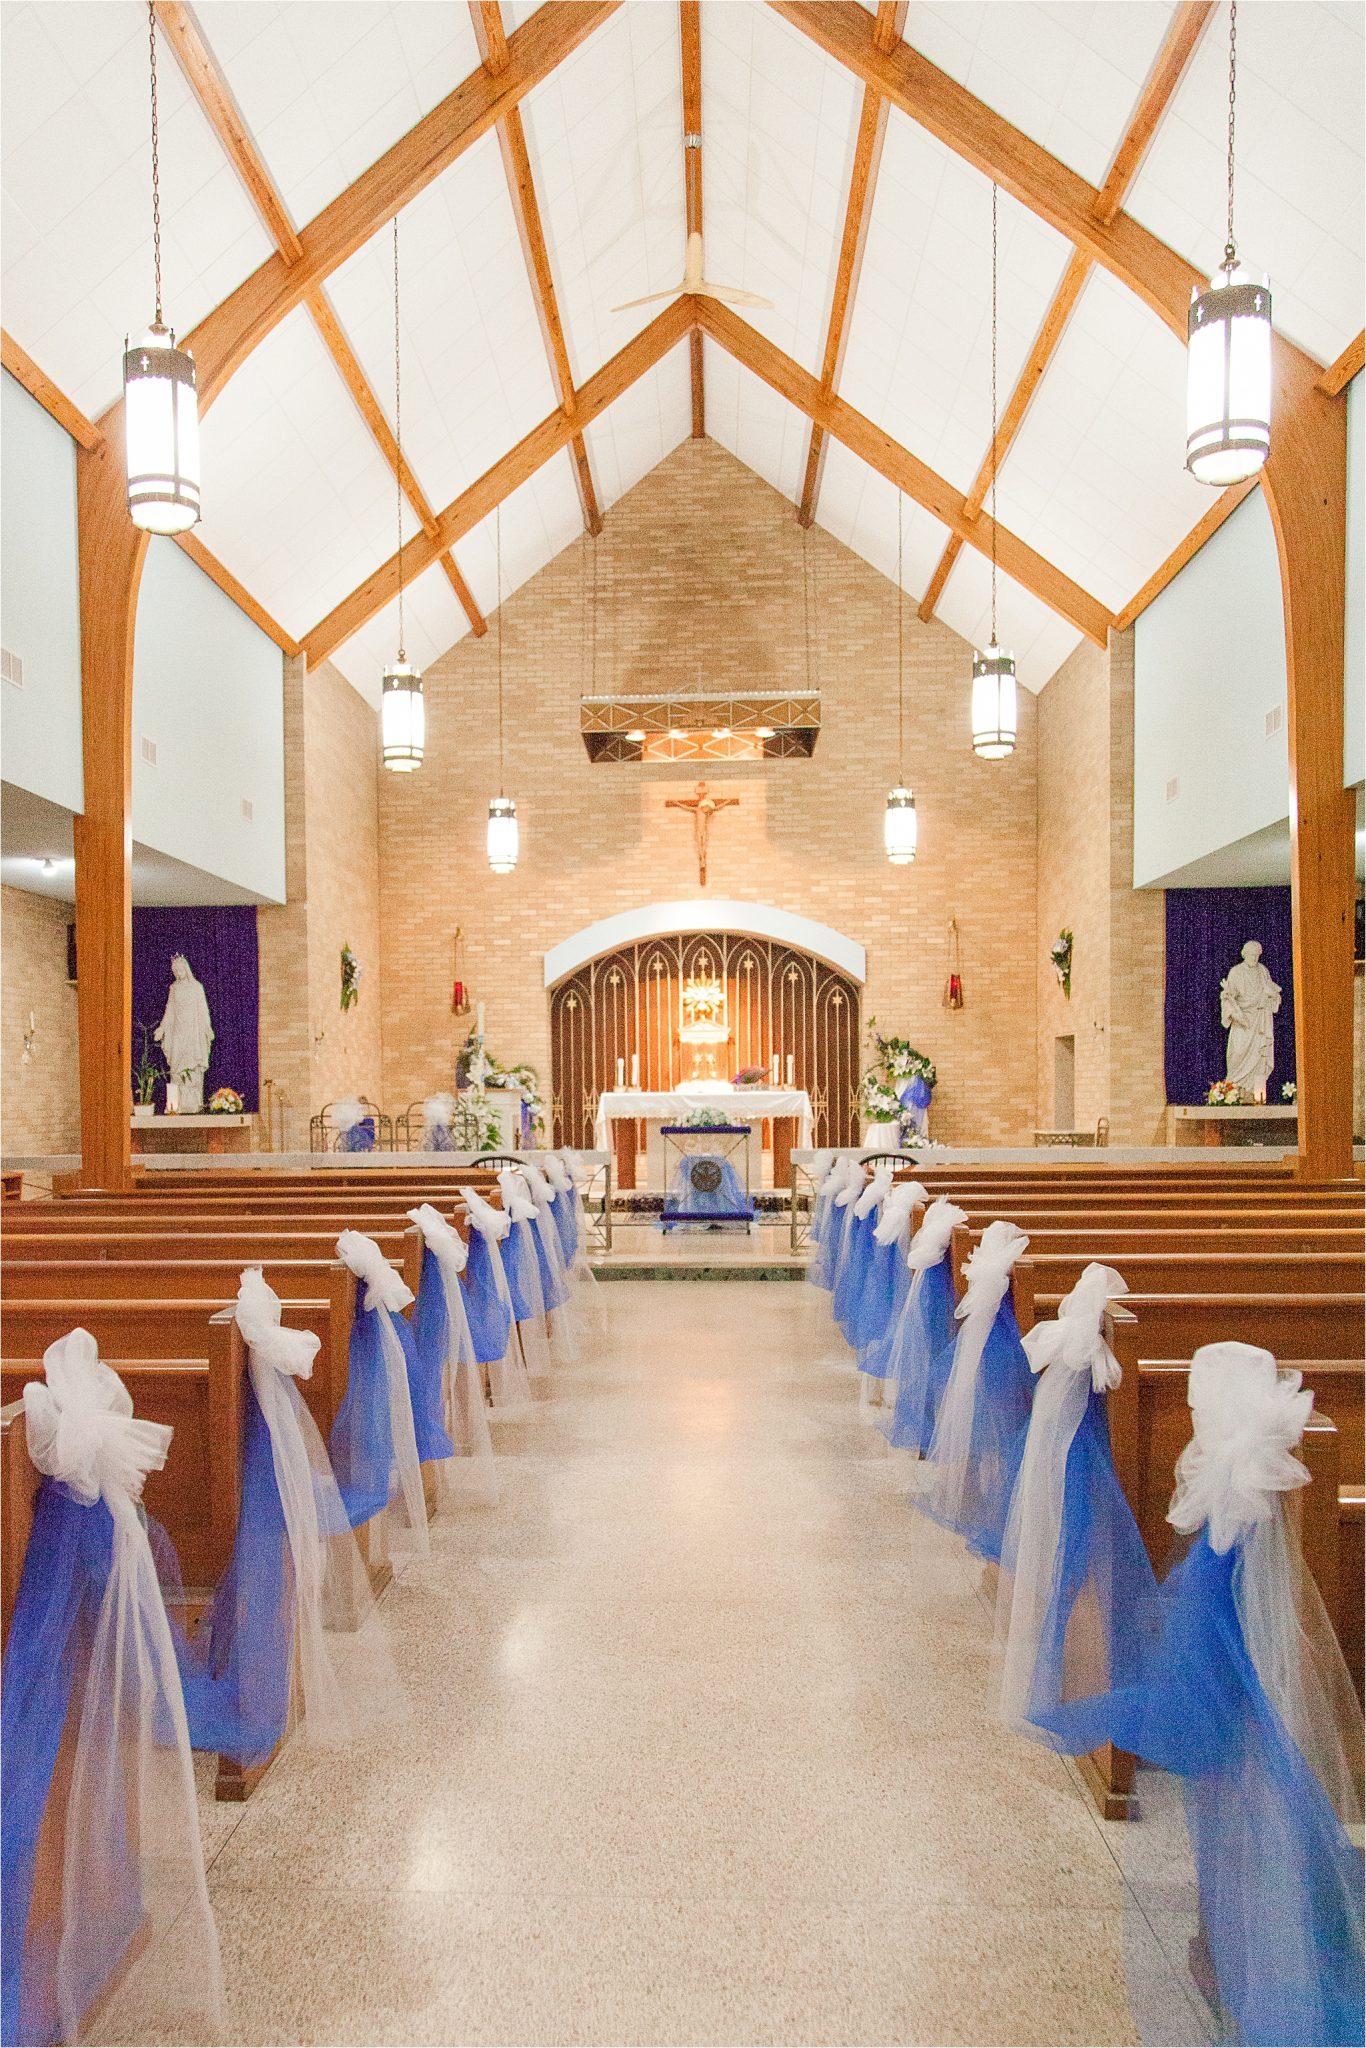 Carmelite Monastery-Mobile Alabama-Alabama wedding venues-Catholic Wedding-blue tulle-catholic church-religious wedding-high ceilings